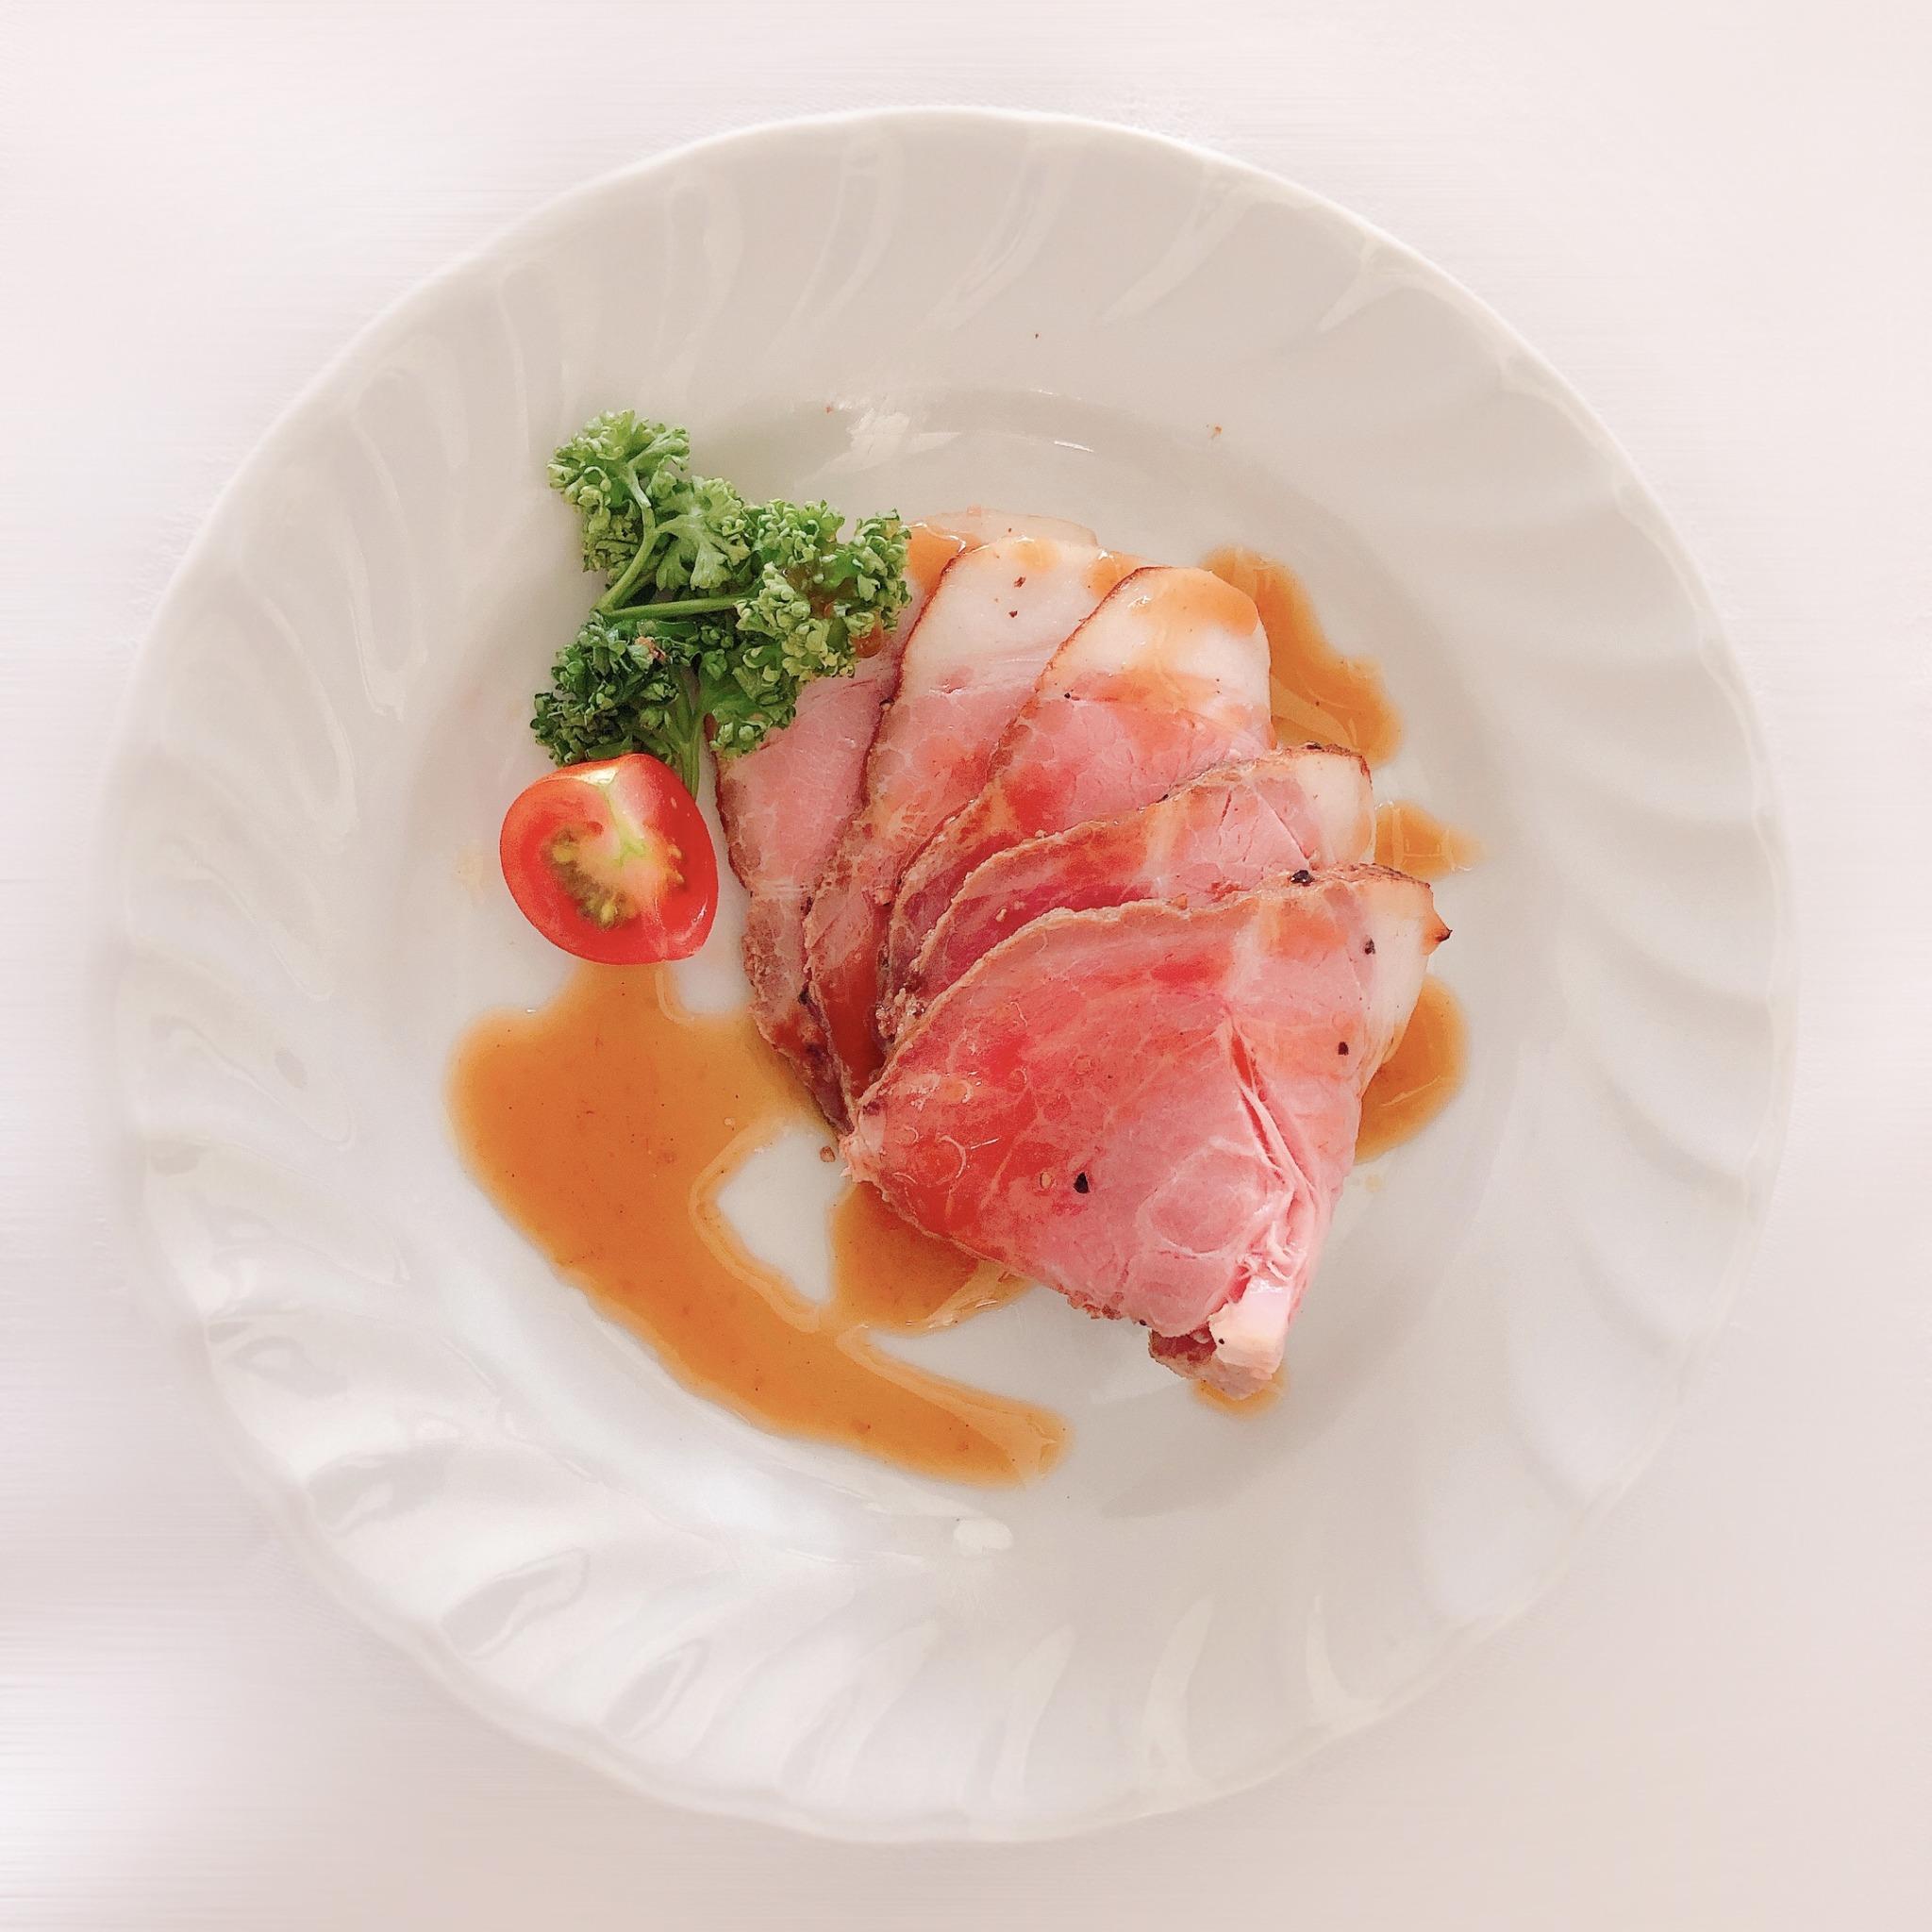 <p>豚肩ロースをたっぷりのハーブと共に低温でじっくり焼き上げ和ベースのわさびソースでお召し上がり下さい</p>